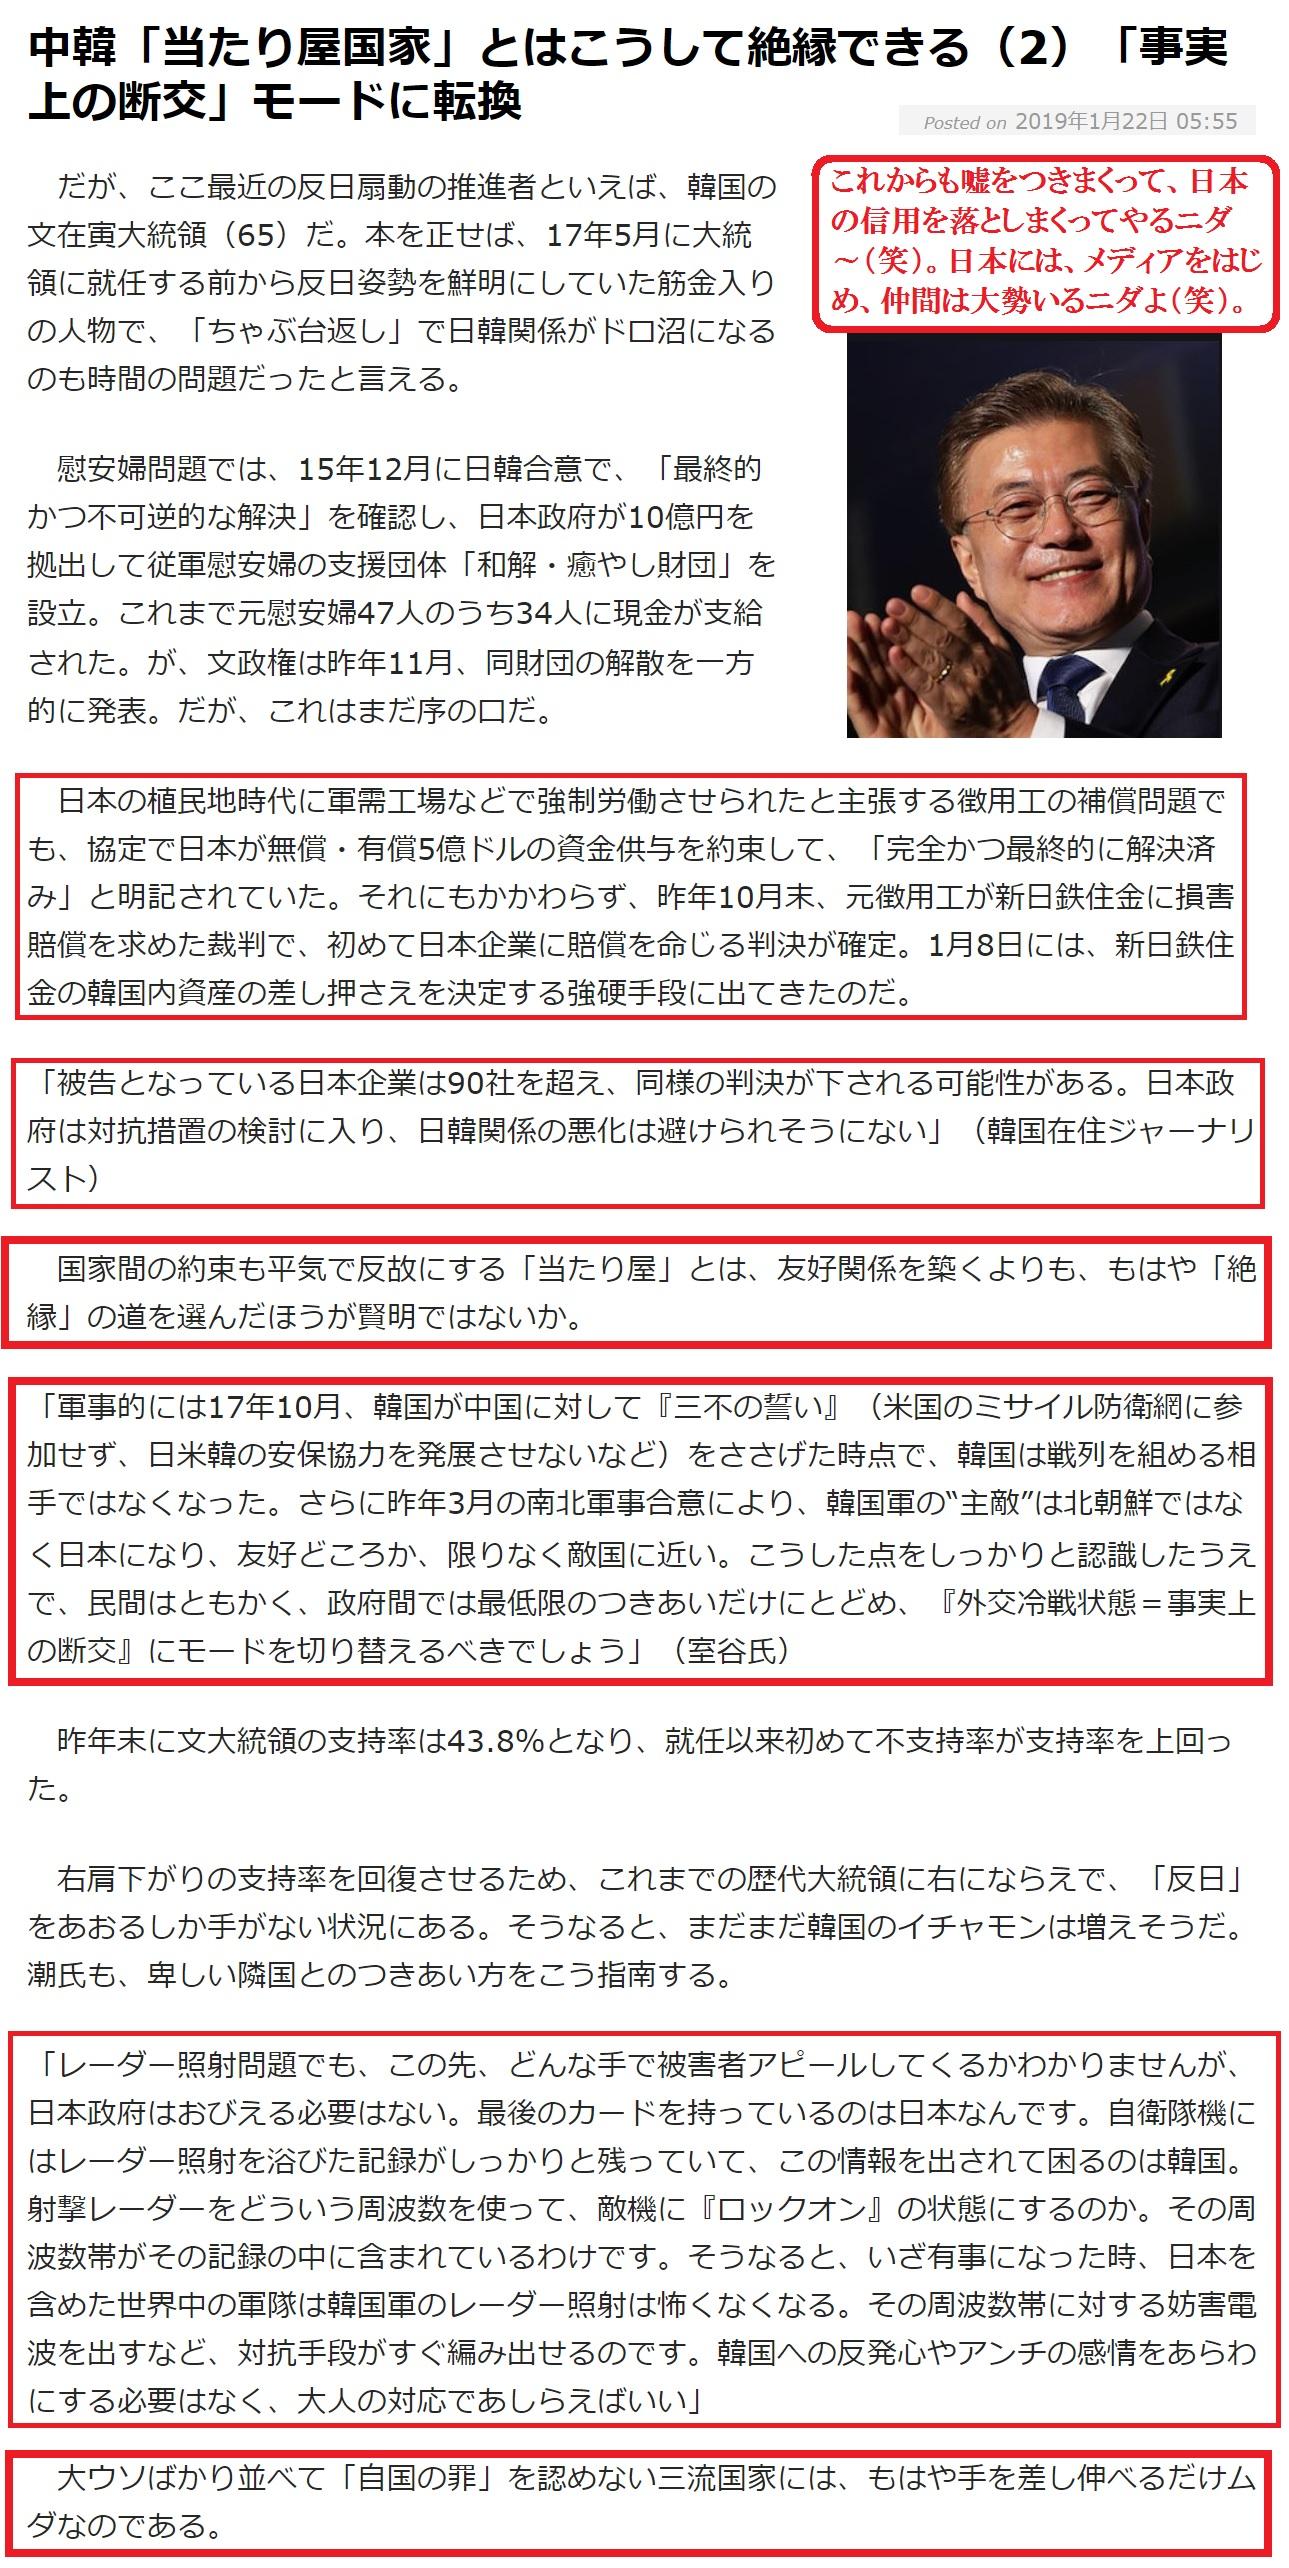 アサ芸「チョン国は自分の罪を認めない三流国家」